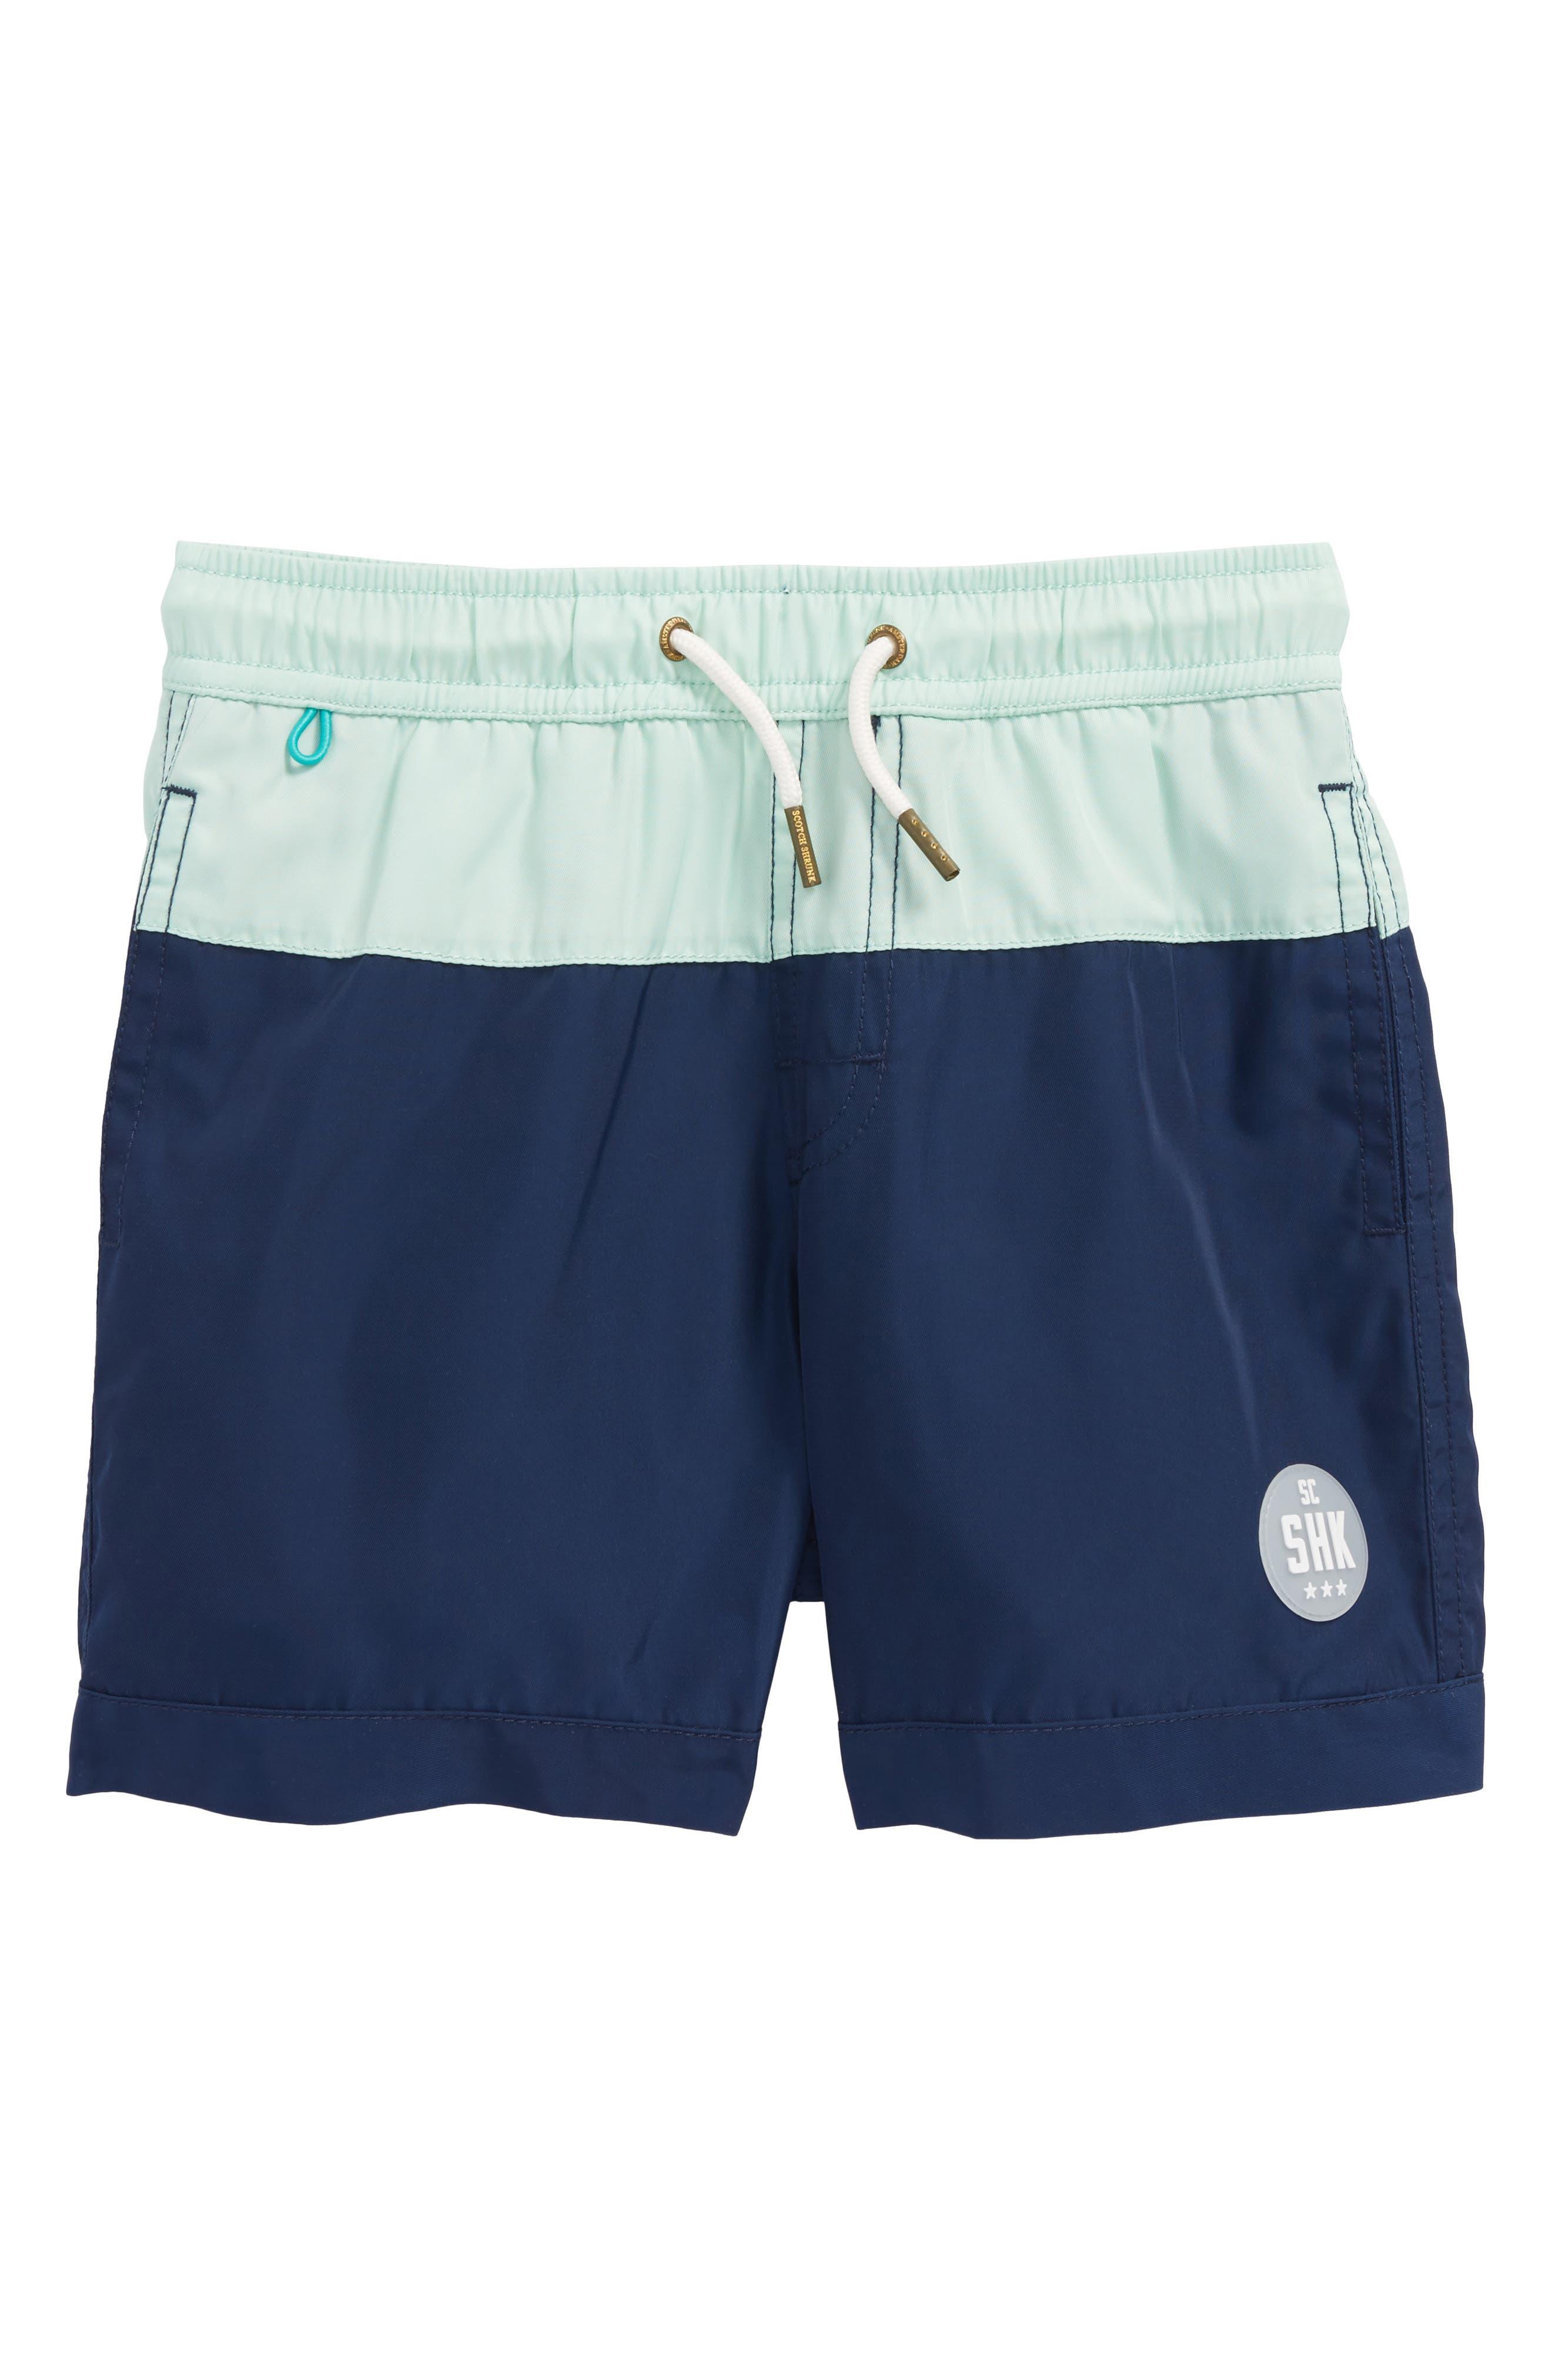 Colorblock Swim Trunks,                         Main,                         color, Blue